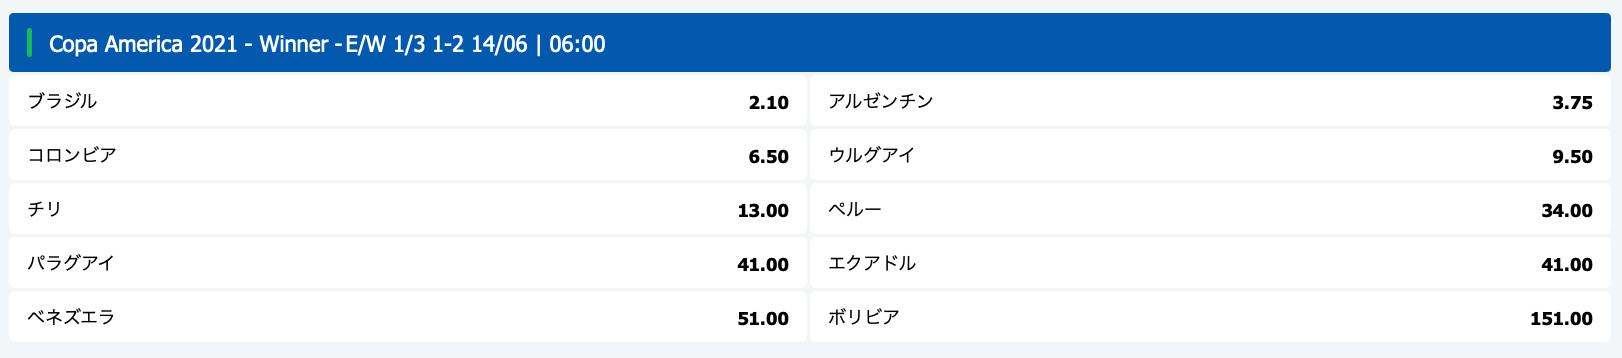 コパアメリカ2021優勝予想オッズ評価!ブックメーカー